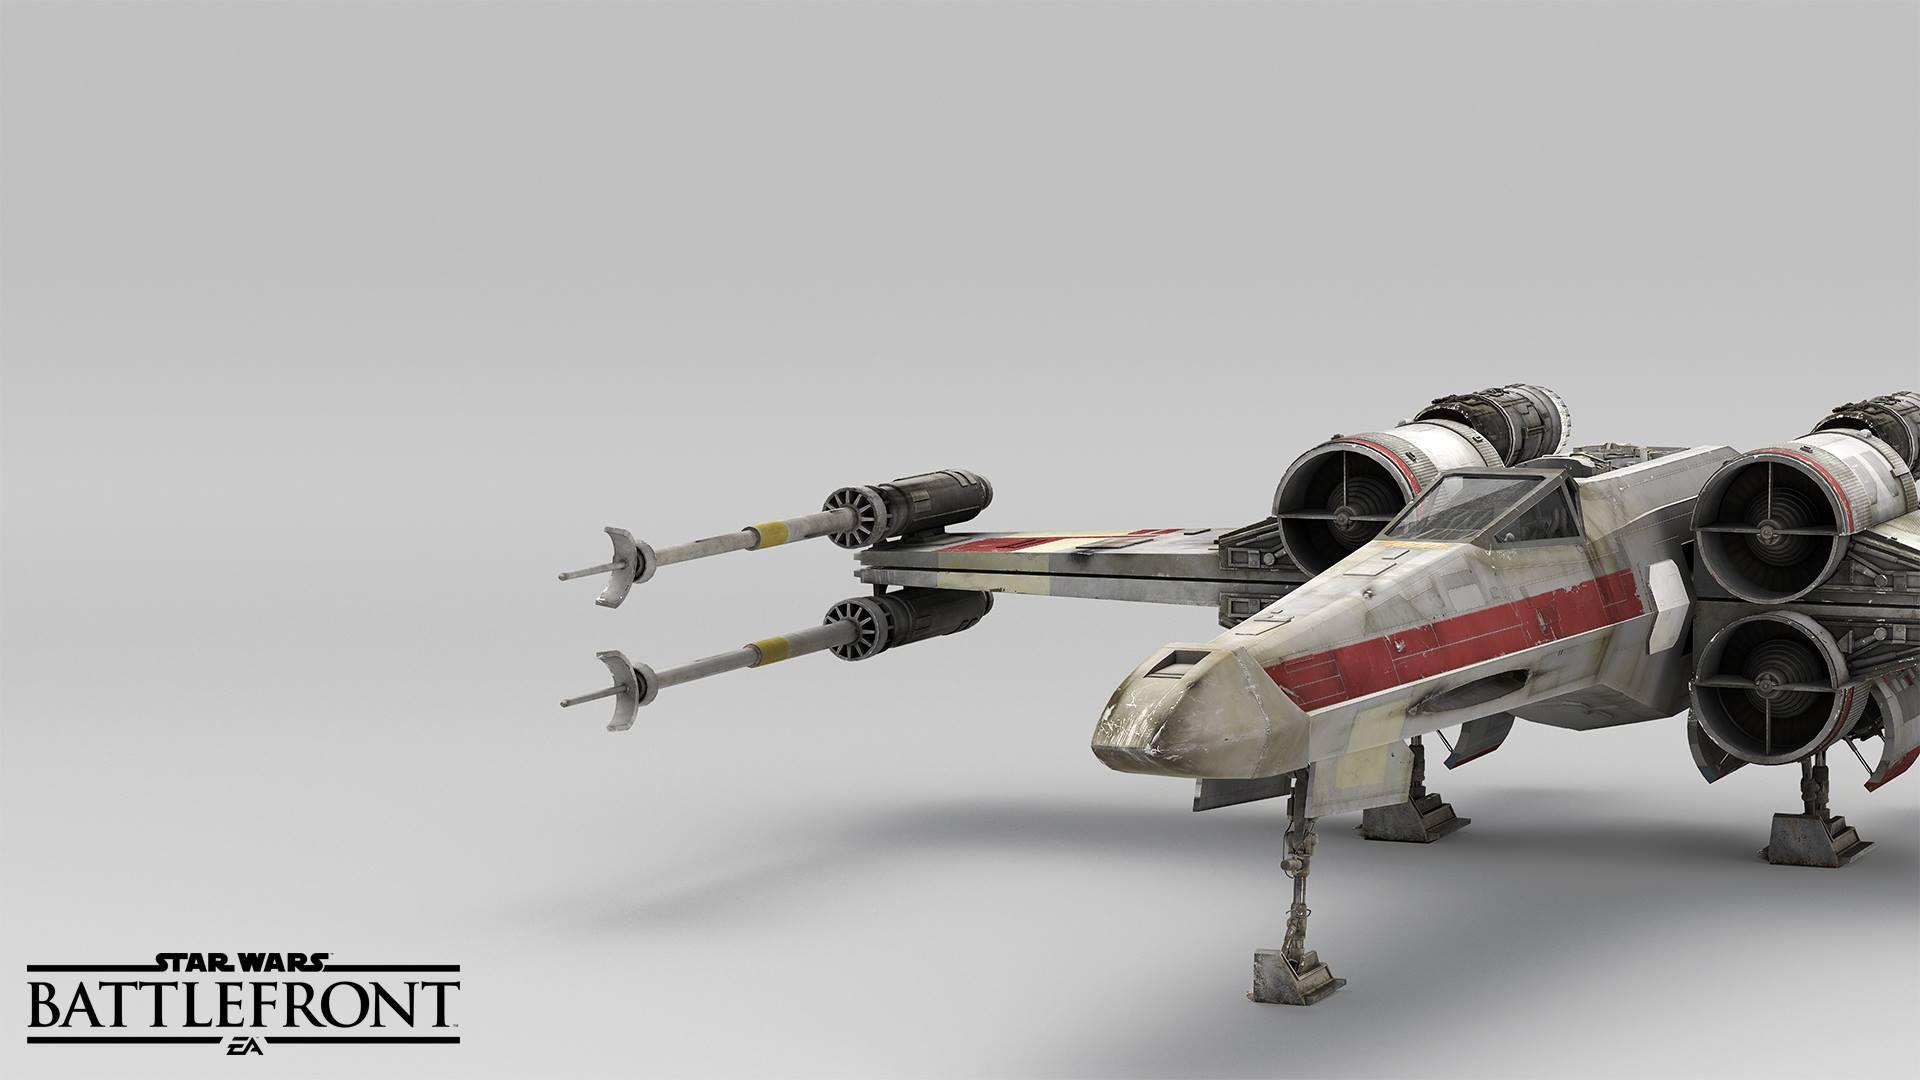 Star Wars Battlefront: Luftkämpfe pur oder gemixt möglich, DICE verspricht Vielfalt und Authentizität